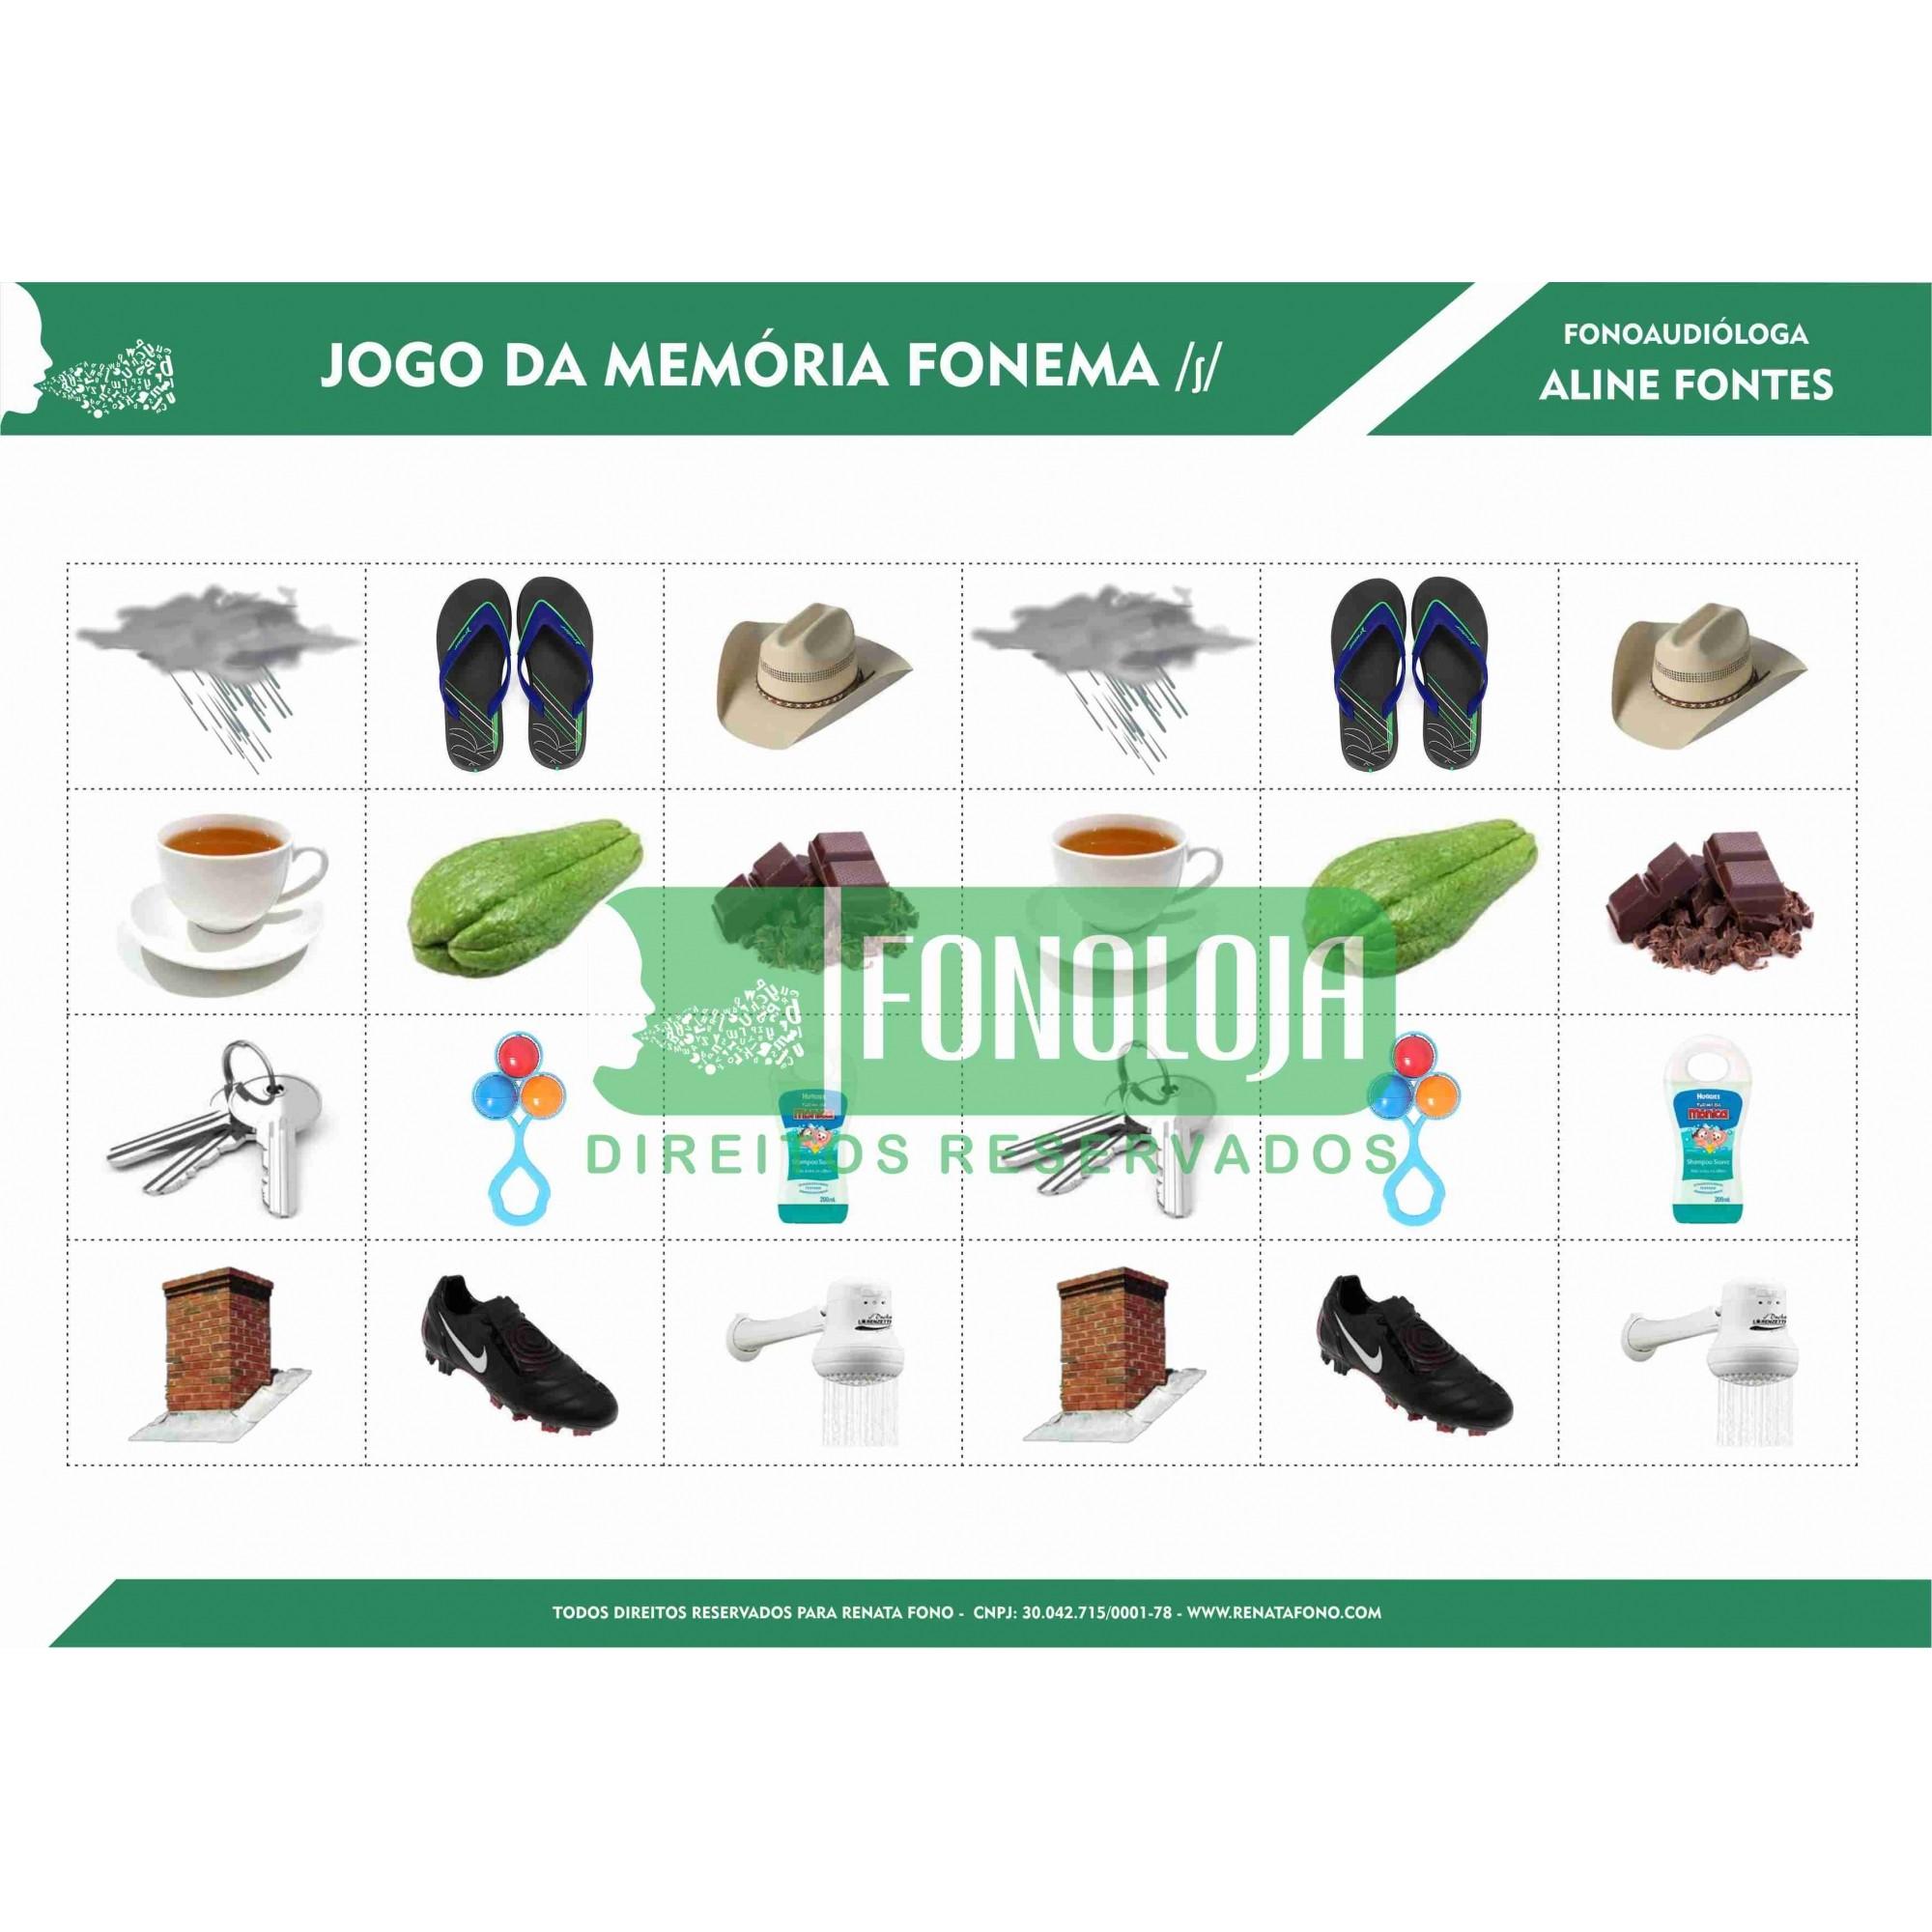 KIT 02 - 06 PRANCHAS JOGOS DA MEMÓRIA FONEMAS FRICATIVOS - FORMATO DIGITAL